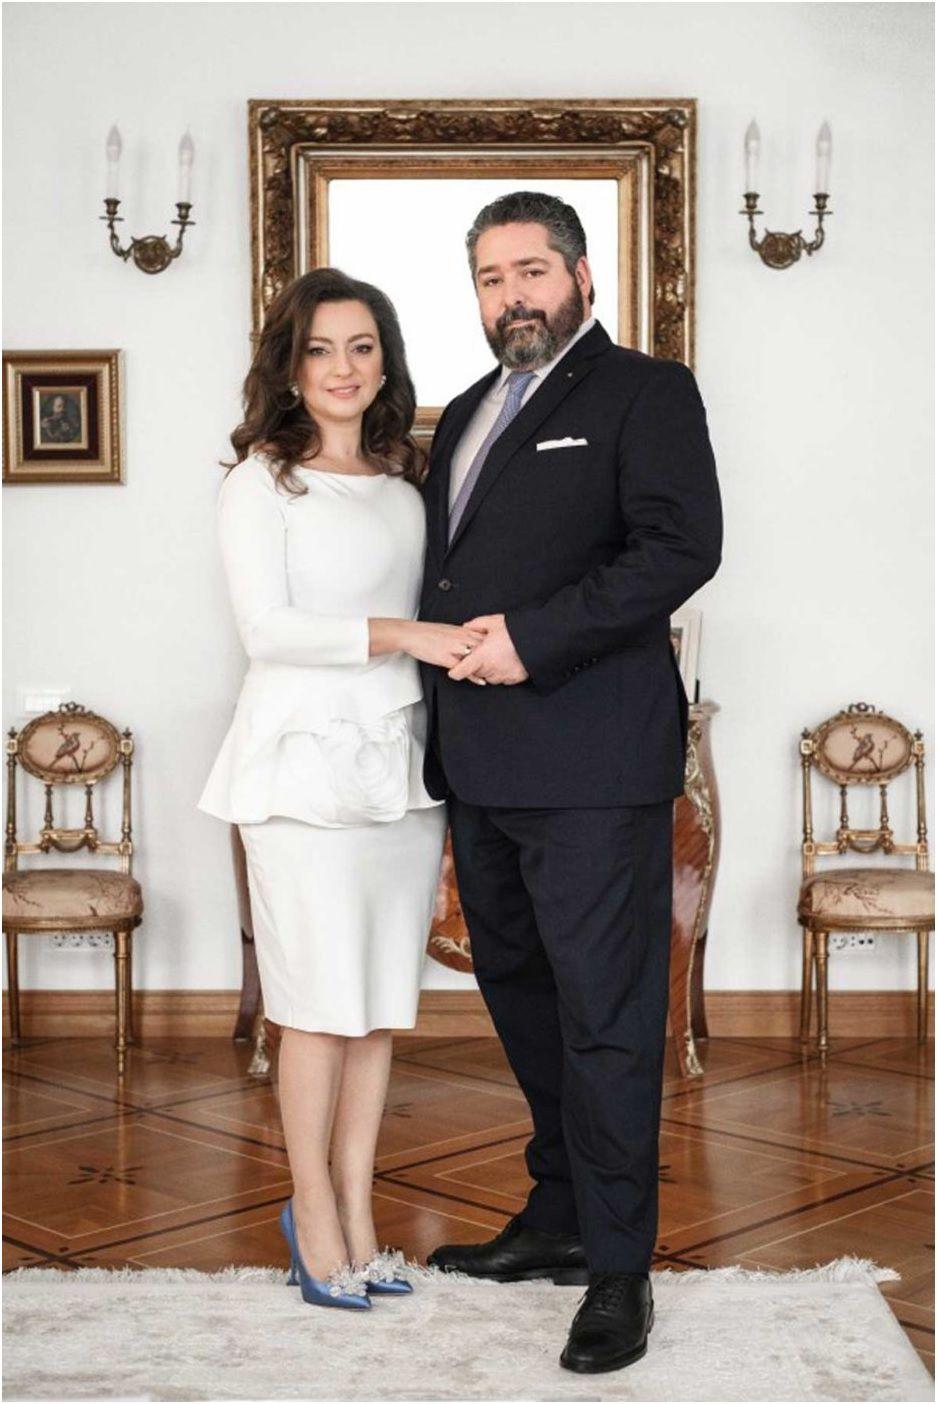 Annonce du mariage du tsarévitch Georges avec Victoria Romanovna Bettarini